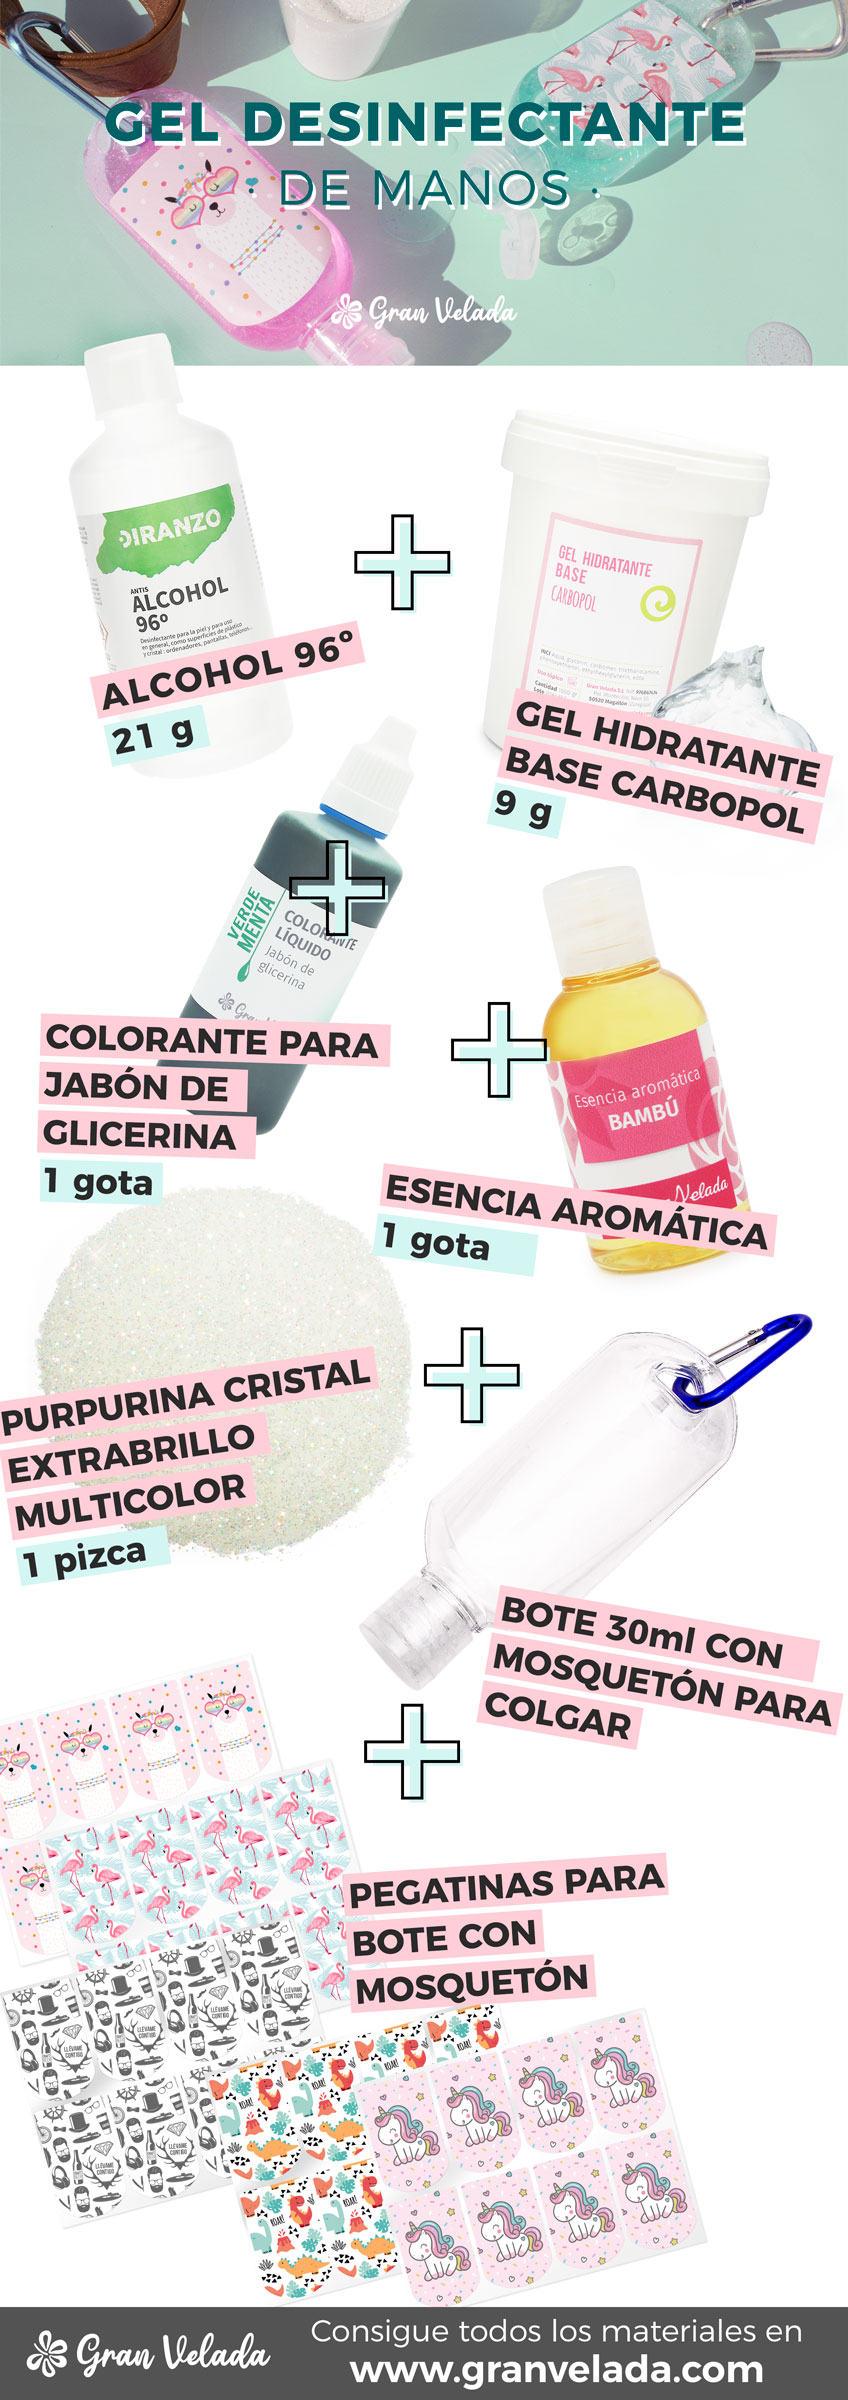 Como hacer gel desinfectante